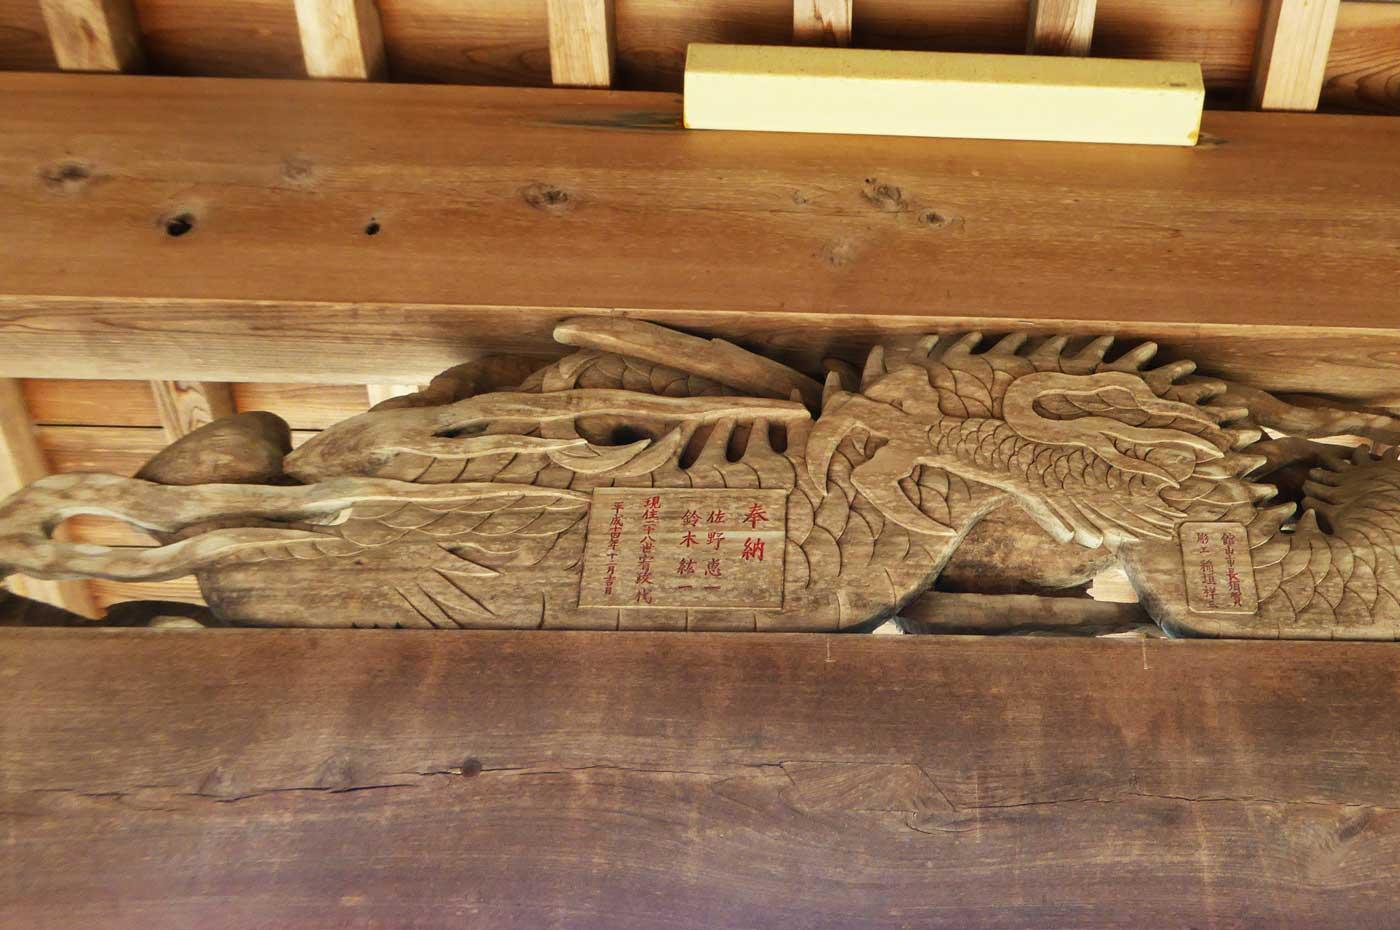 福楽寺の稲垣祥三の彫刻